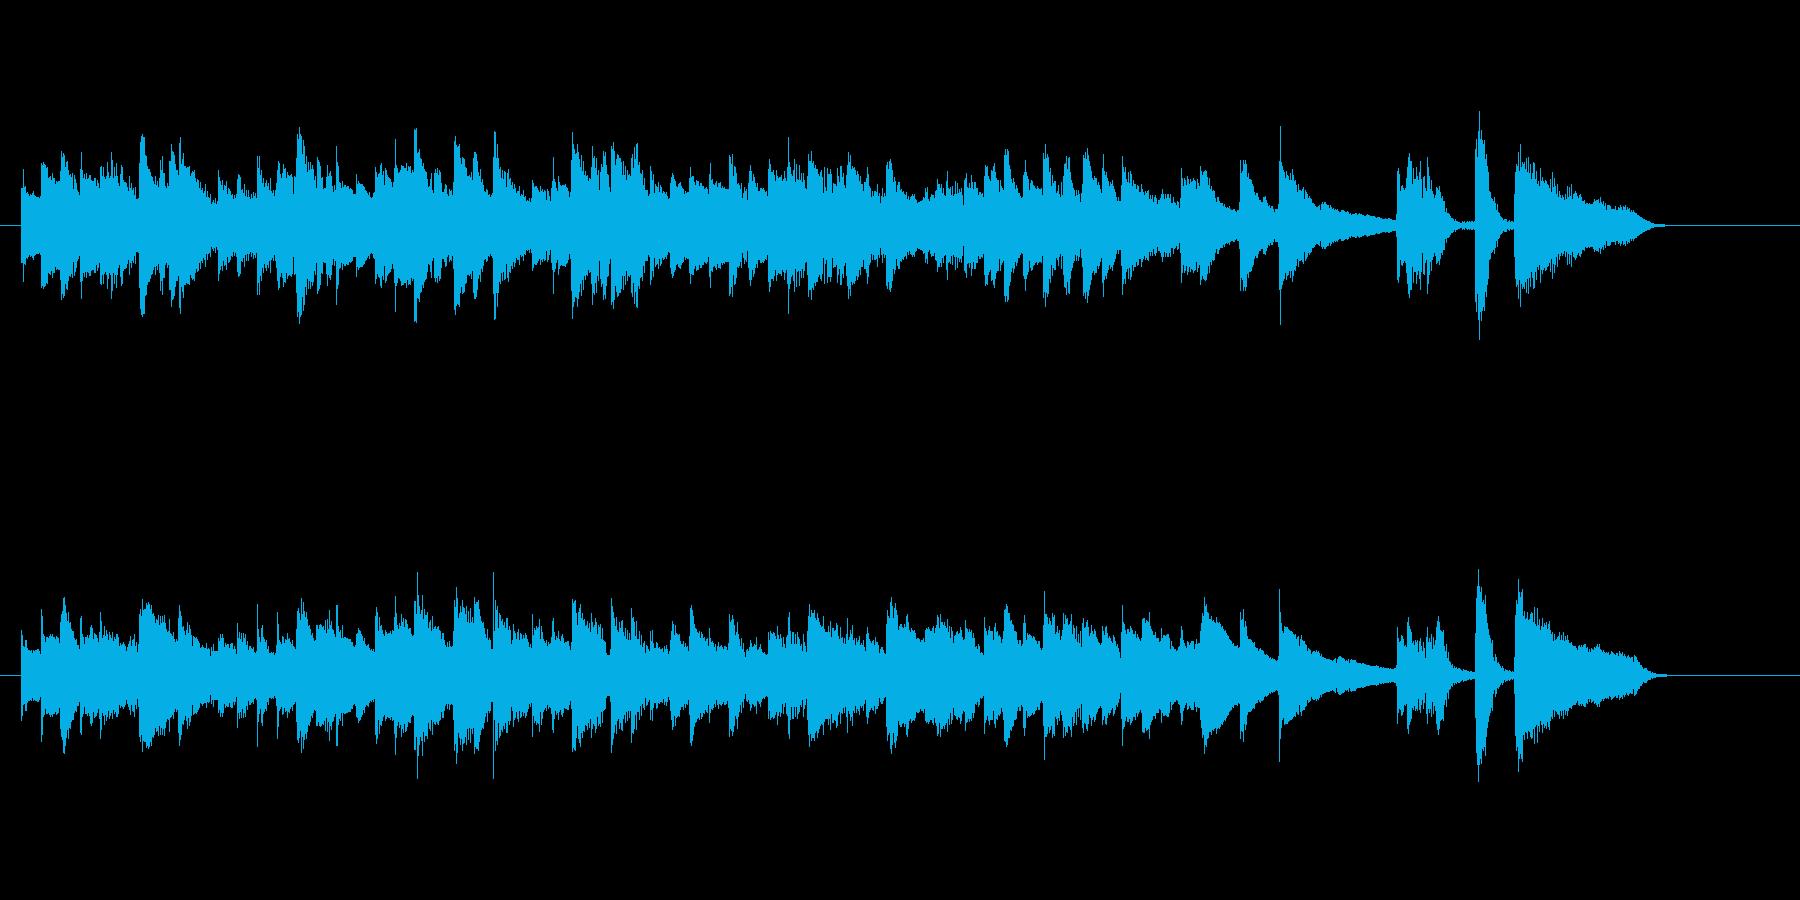 丘の上でピアノを聴いているようなジングルの再生済みの波形